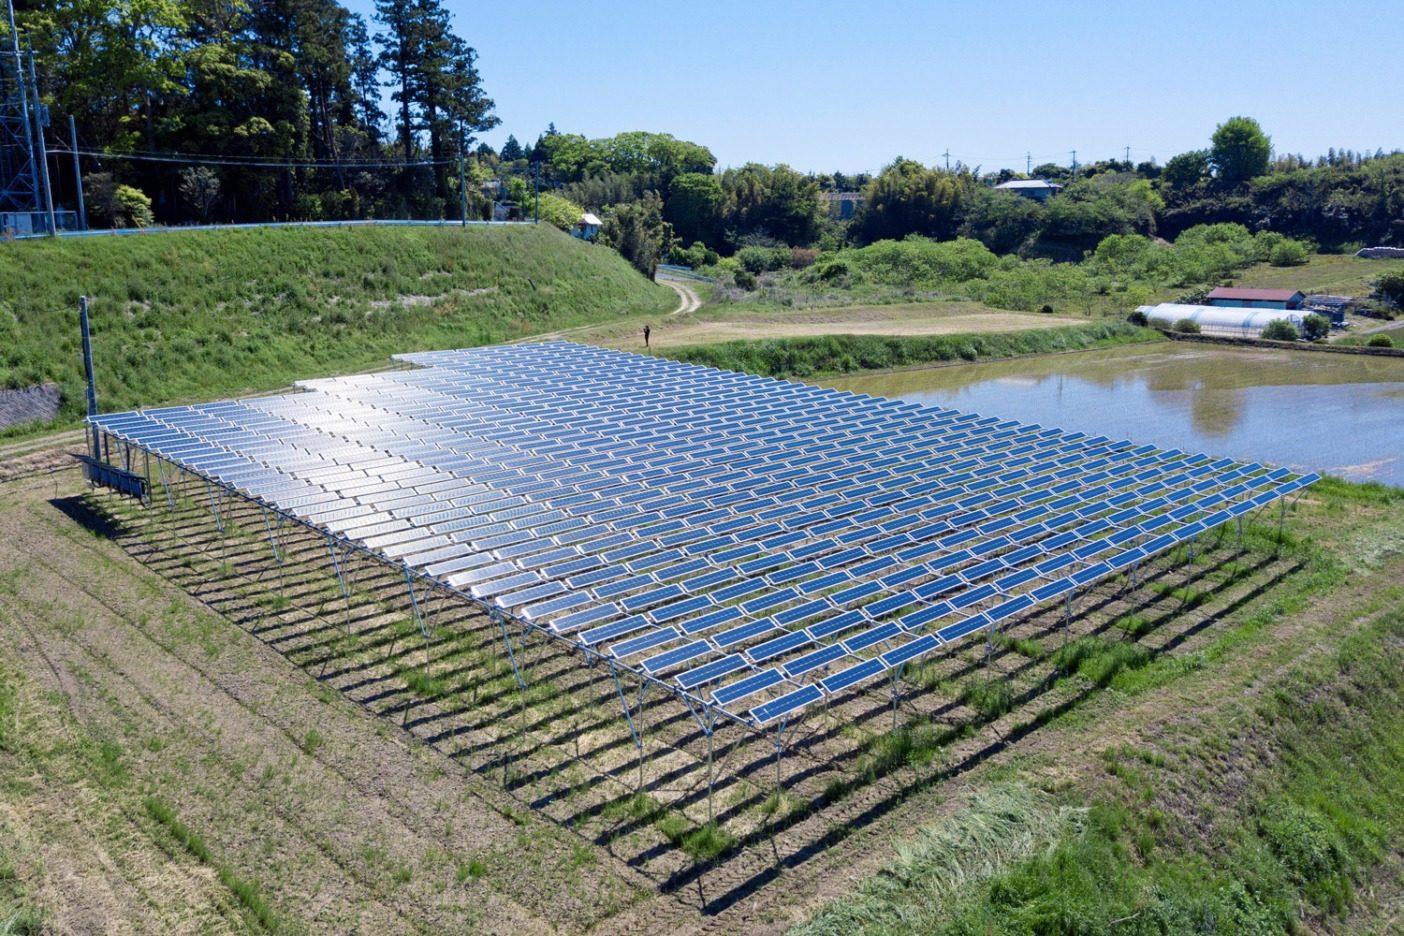 ネットゼロを達成するには、千葉県にあるこのプロジェクトに投資するなど、排出量を穴埋めしなければならない。ソーラー・シェアリングでは、農家は作物を栽培すると同時に太陽エネルギーを活用することができる。写真:パタゴニア日本支社